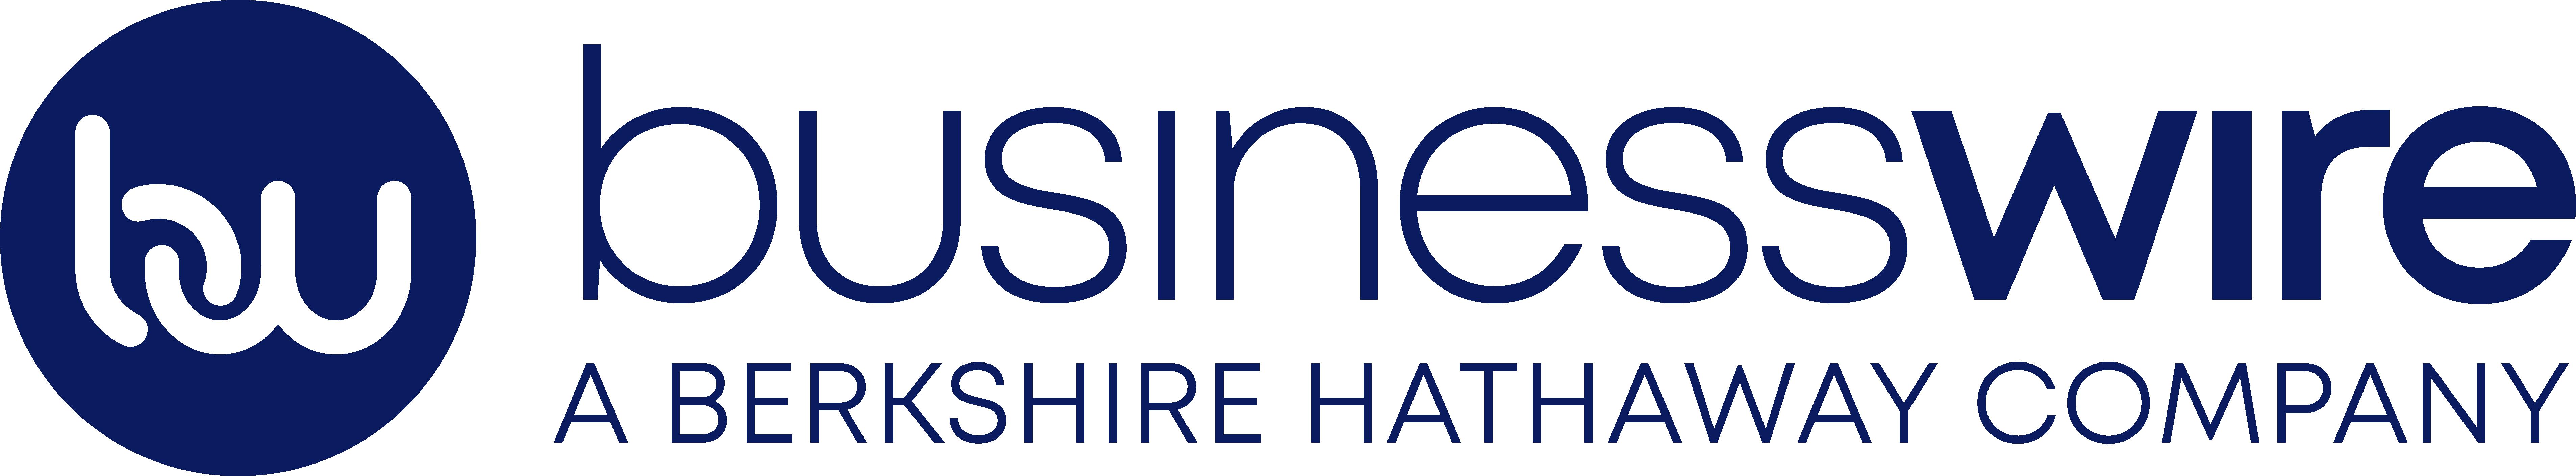 businessware